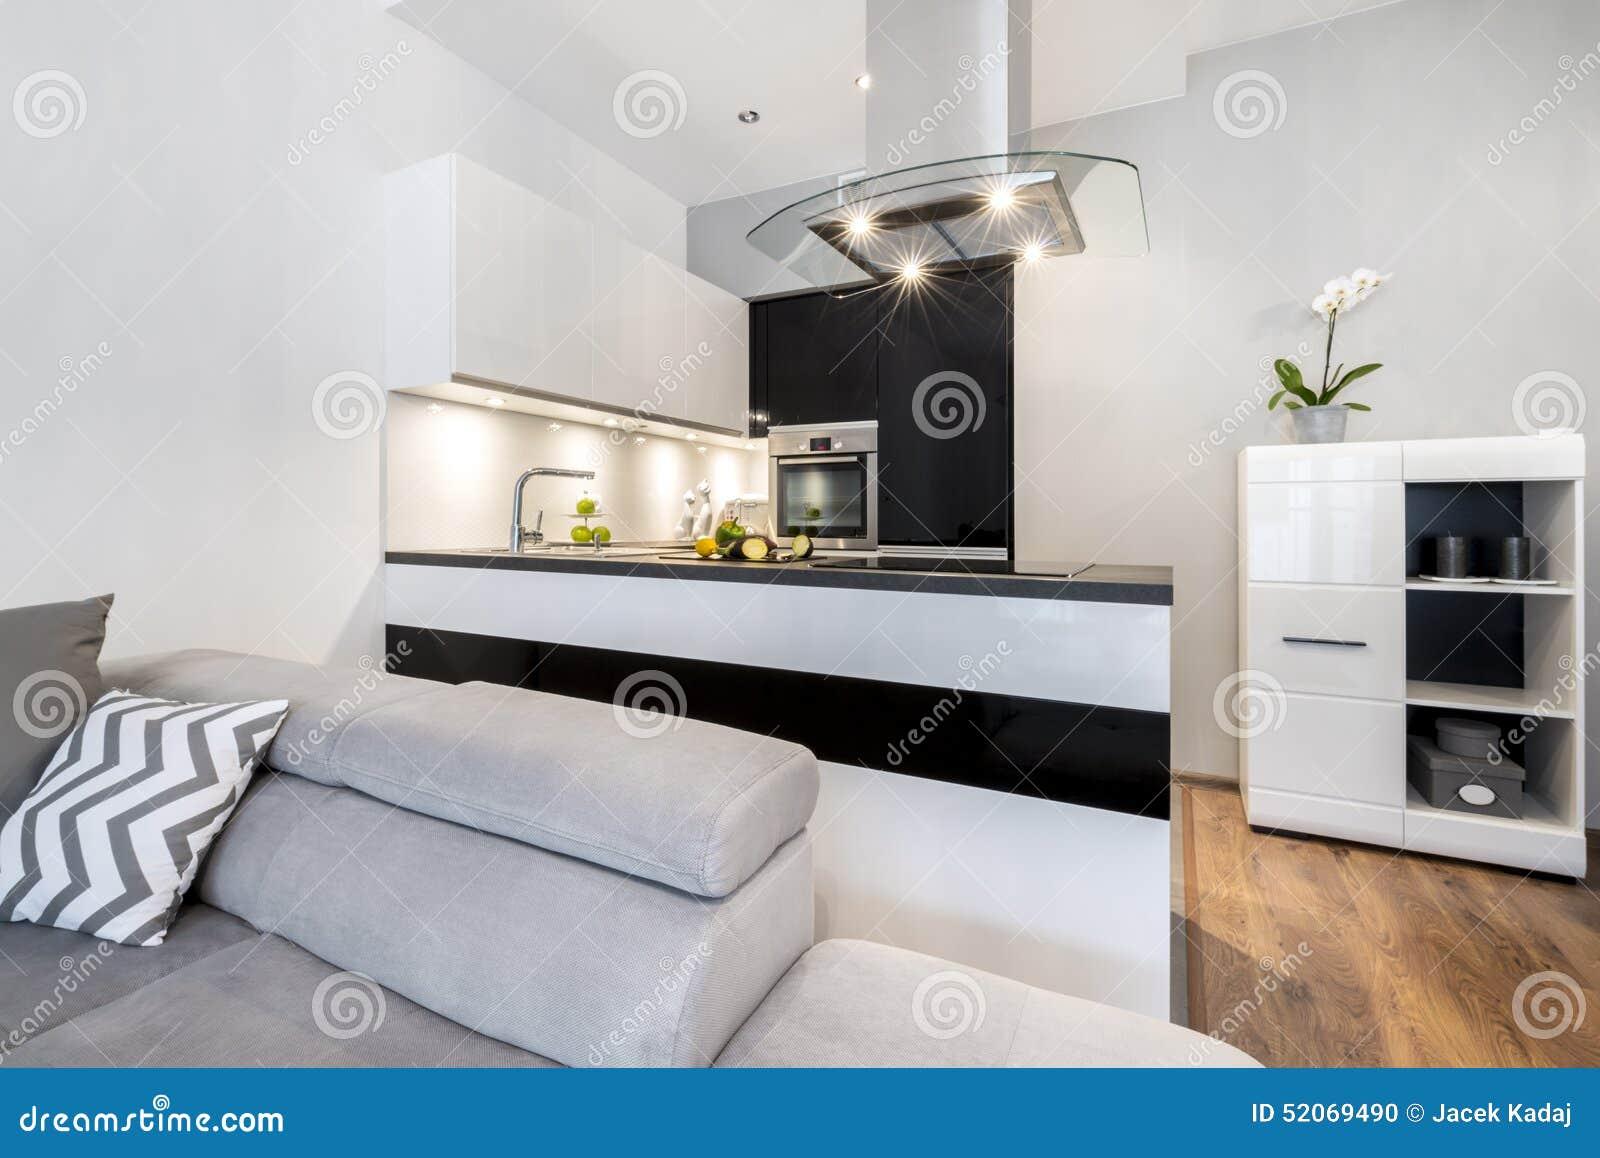 Petite Cuisine Noire Et Blanche Moderne Photo stock - Image: 52069490